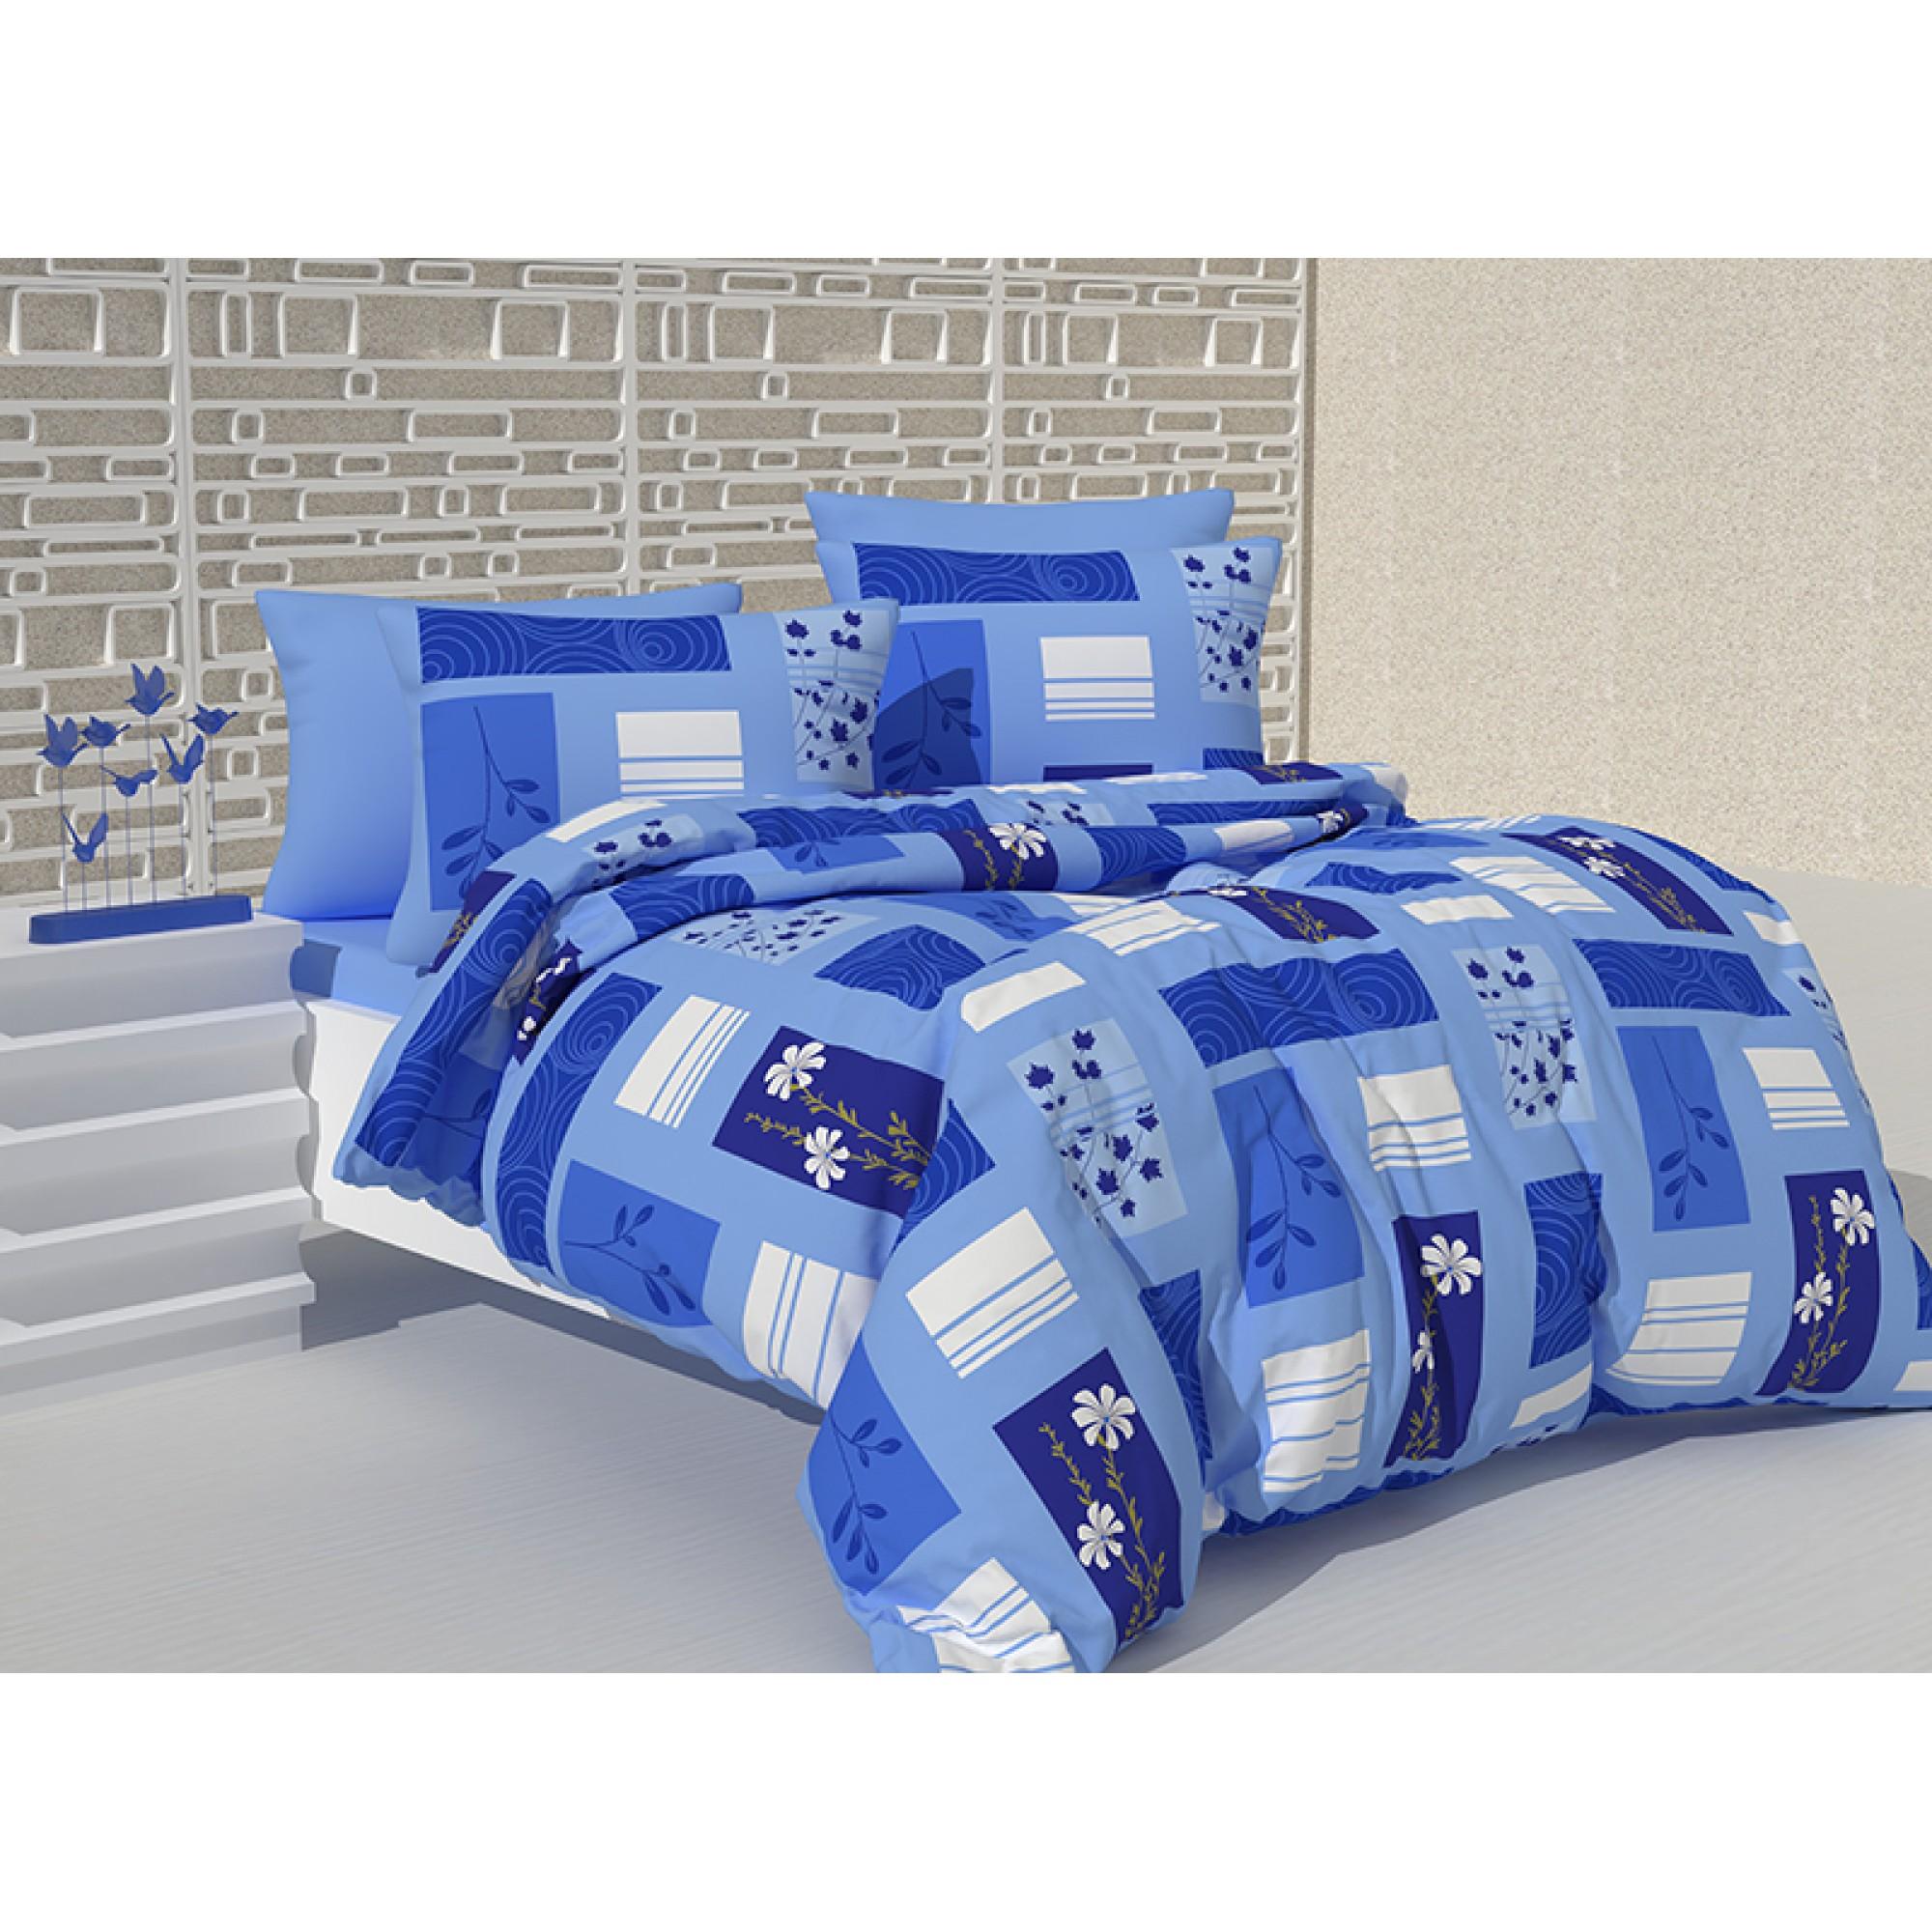 Спален комплект от 100% памук Images